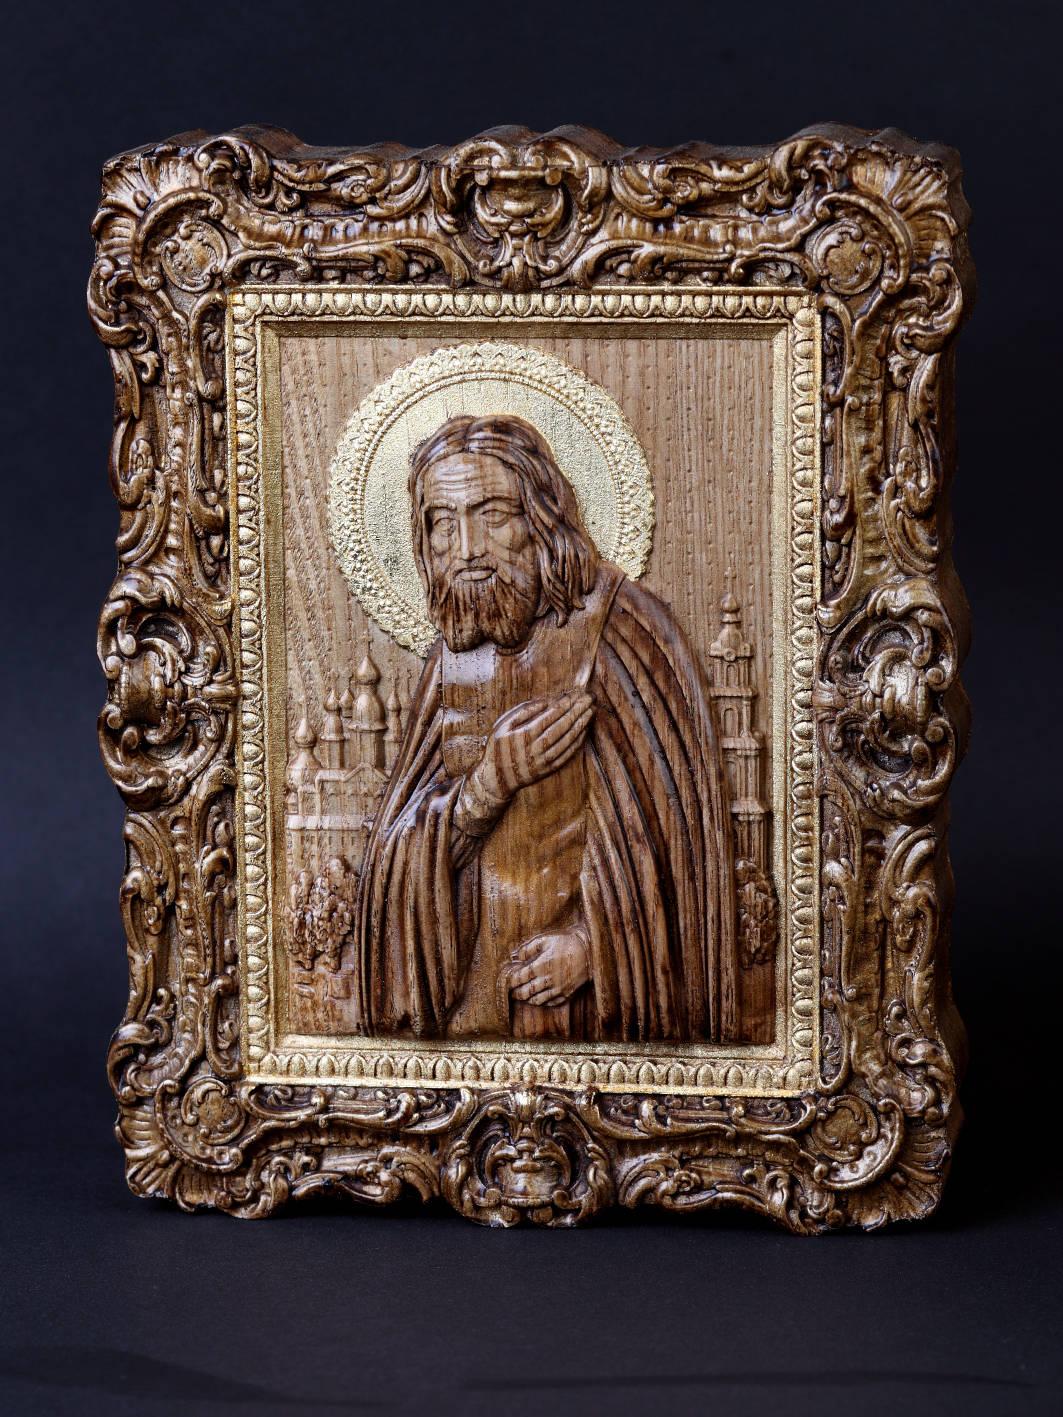 Св.Серафим Саровский . Материал дерево ясень Сусальное золото,воски. Размер 18х19 см